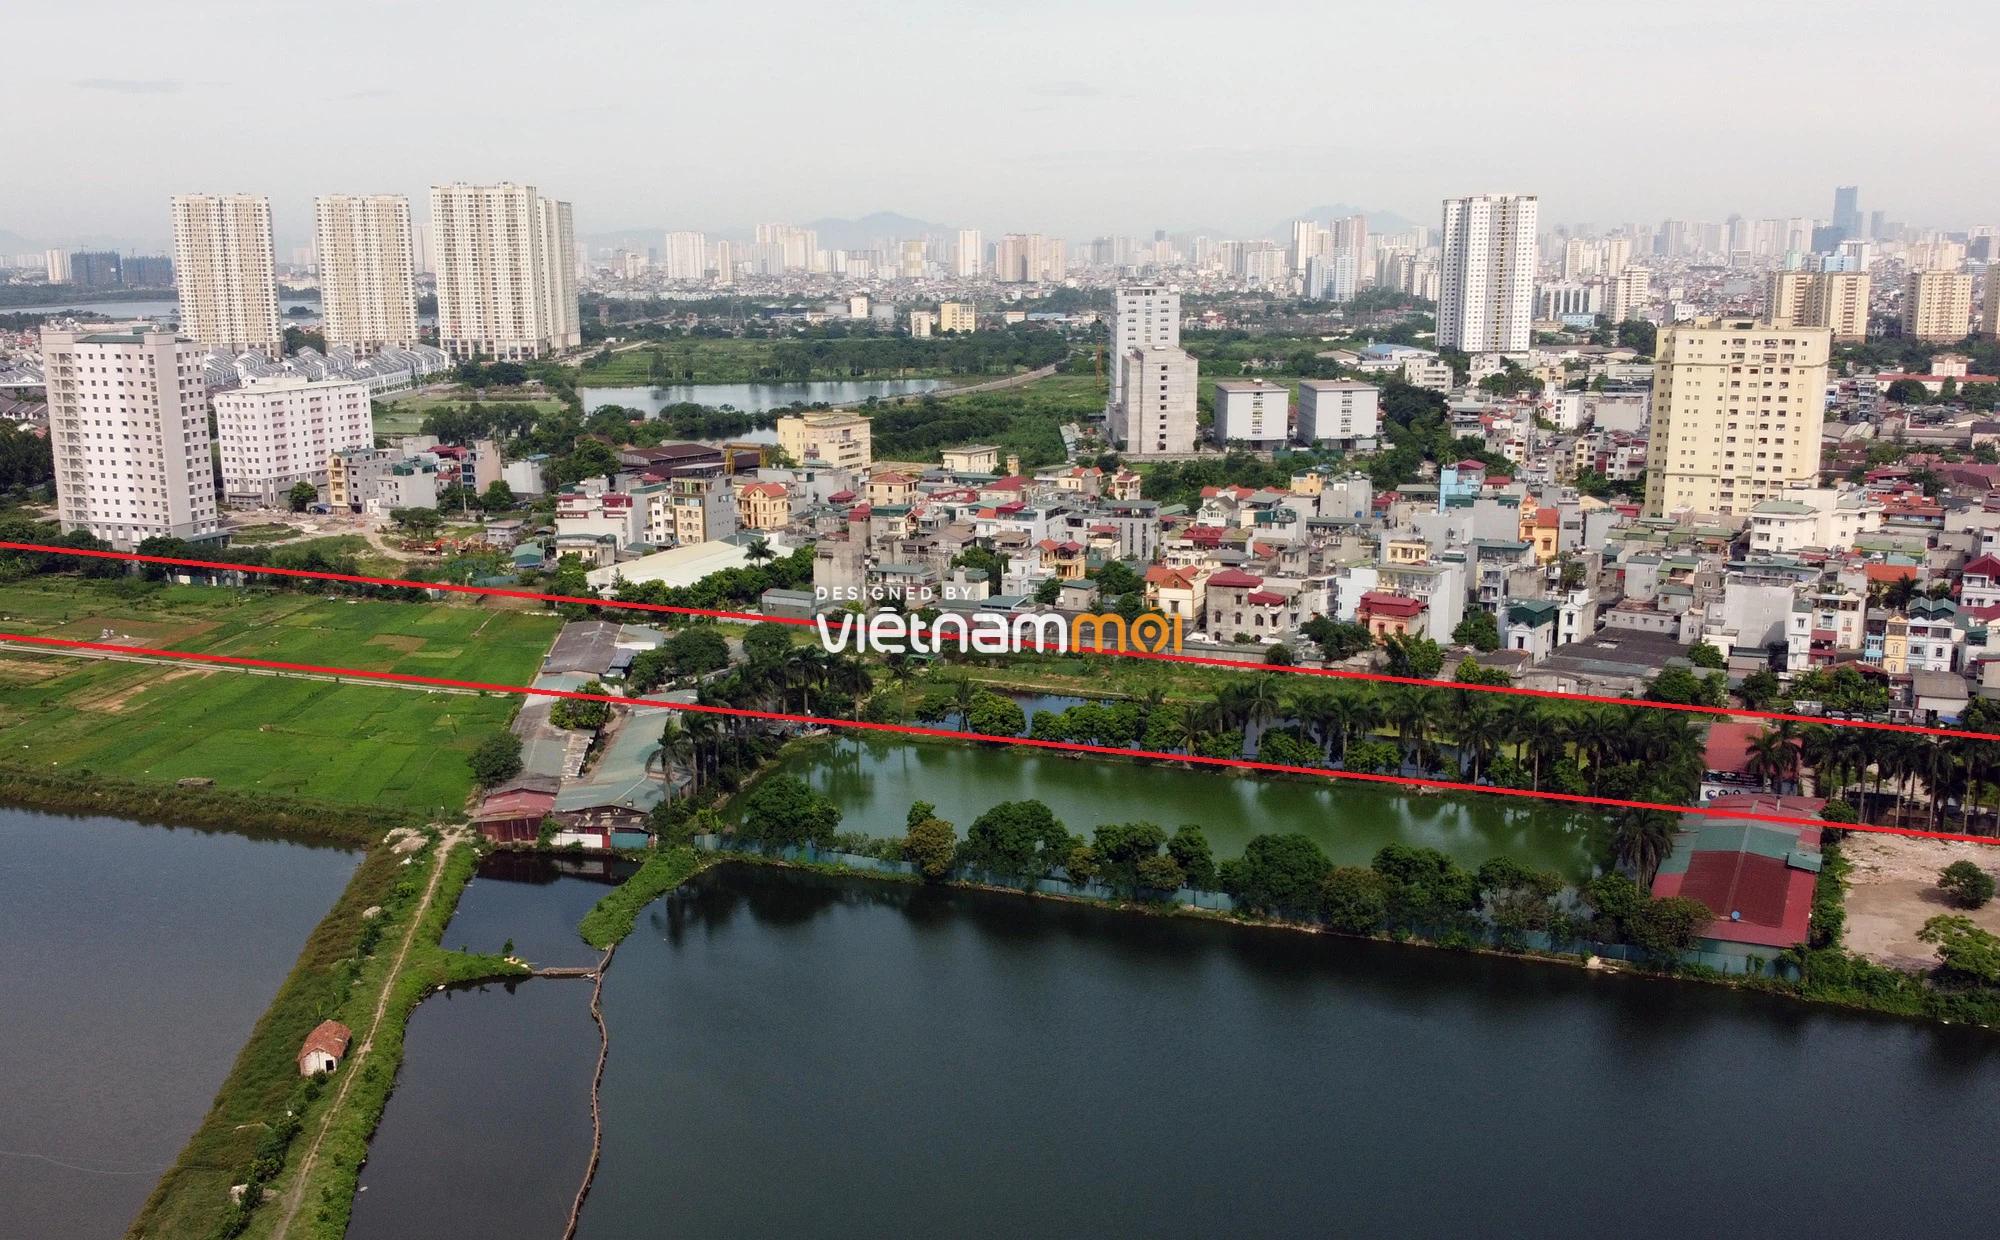 Những khu đất sắp thu hồi để mở đường ở quận Hoàng Mai, Hà Nội (phần 1) - Ảnh 12.